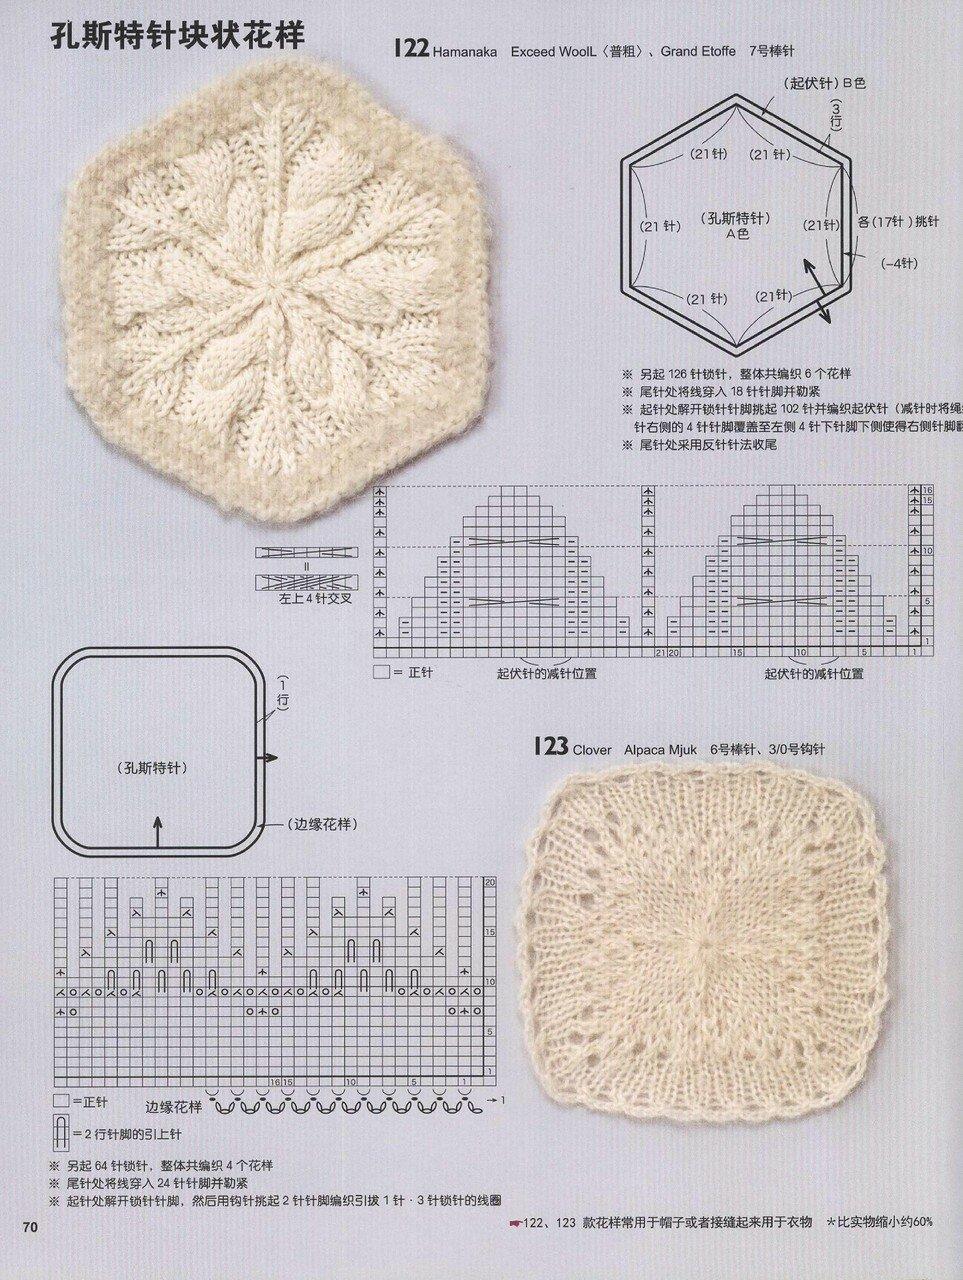 150 Knitting_72.jpg